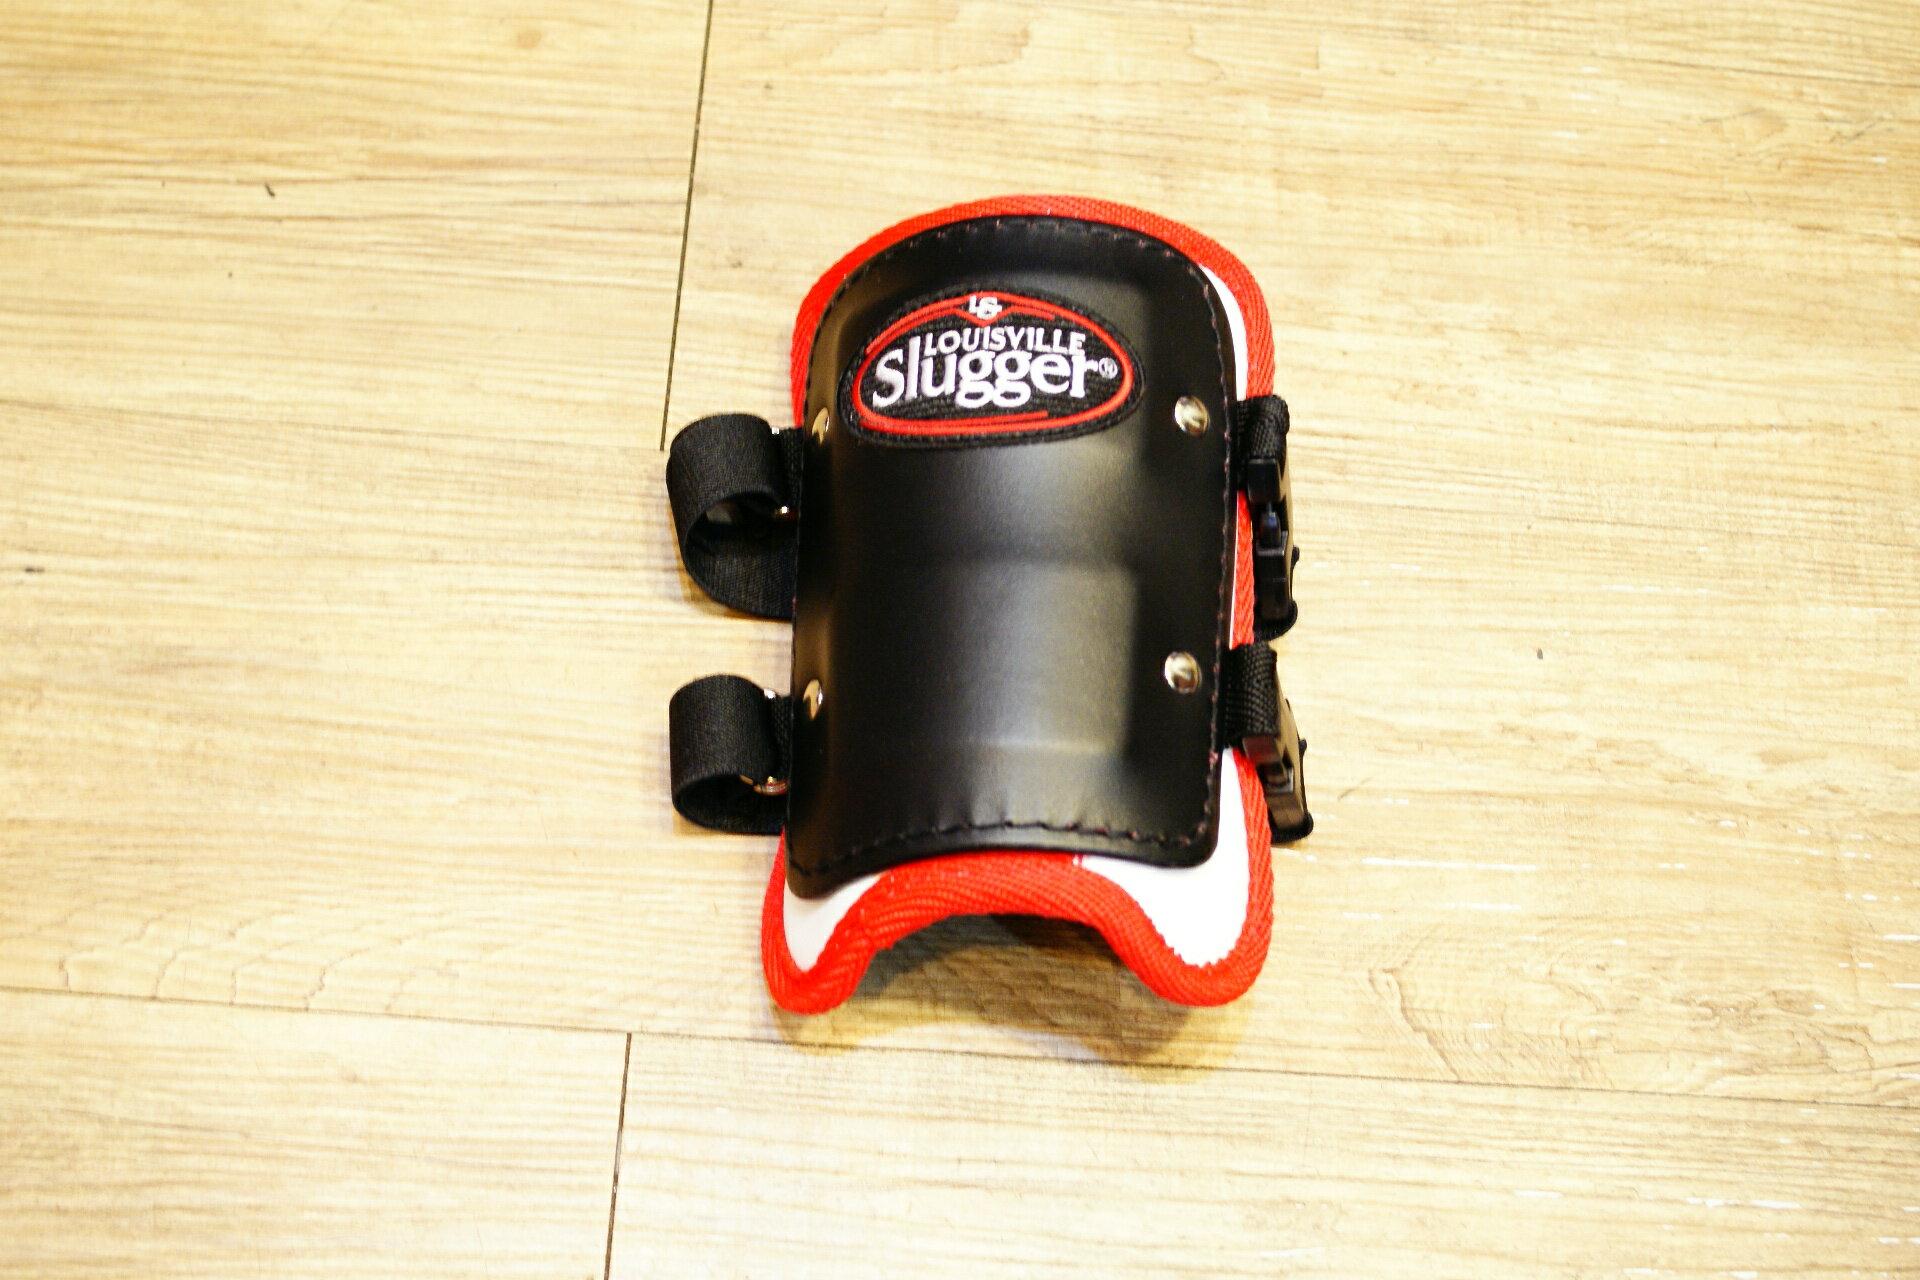 棒球世界 全新Louisvill Slugger 路易斯威爾 LS棒球打擊護腳護脛 特價三色